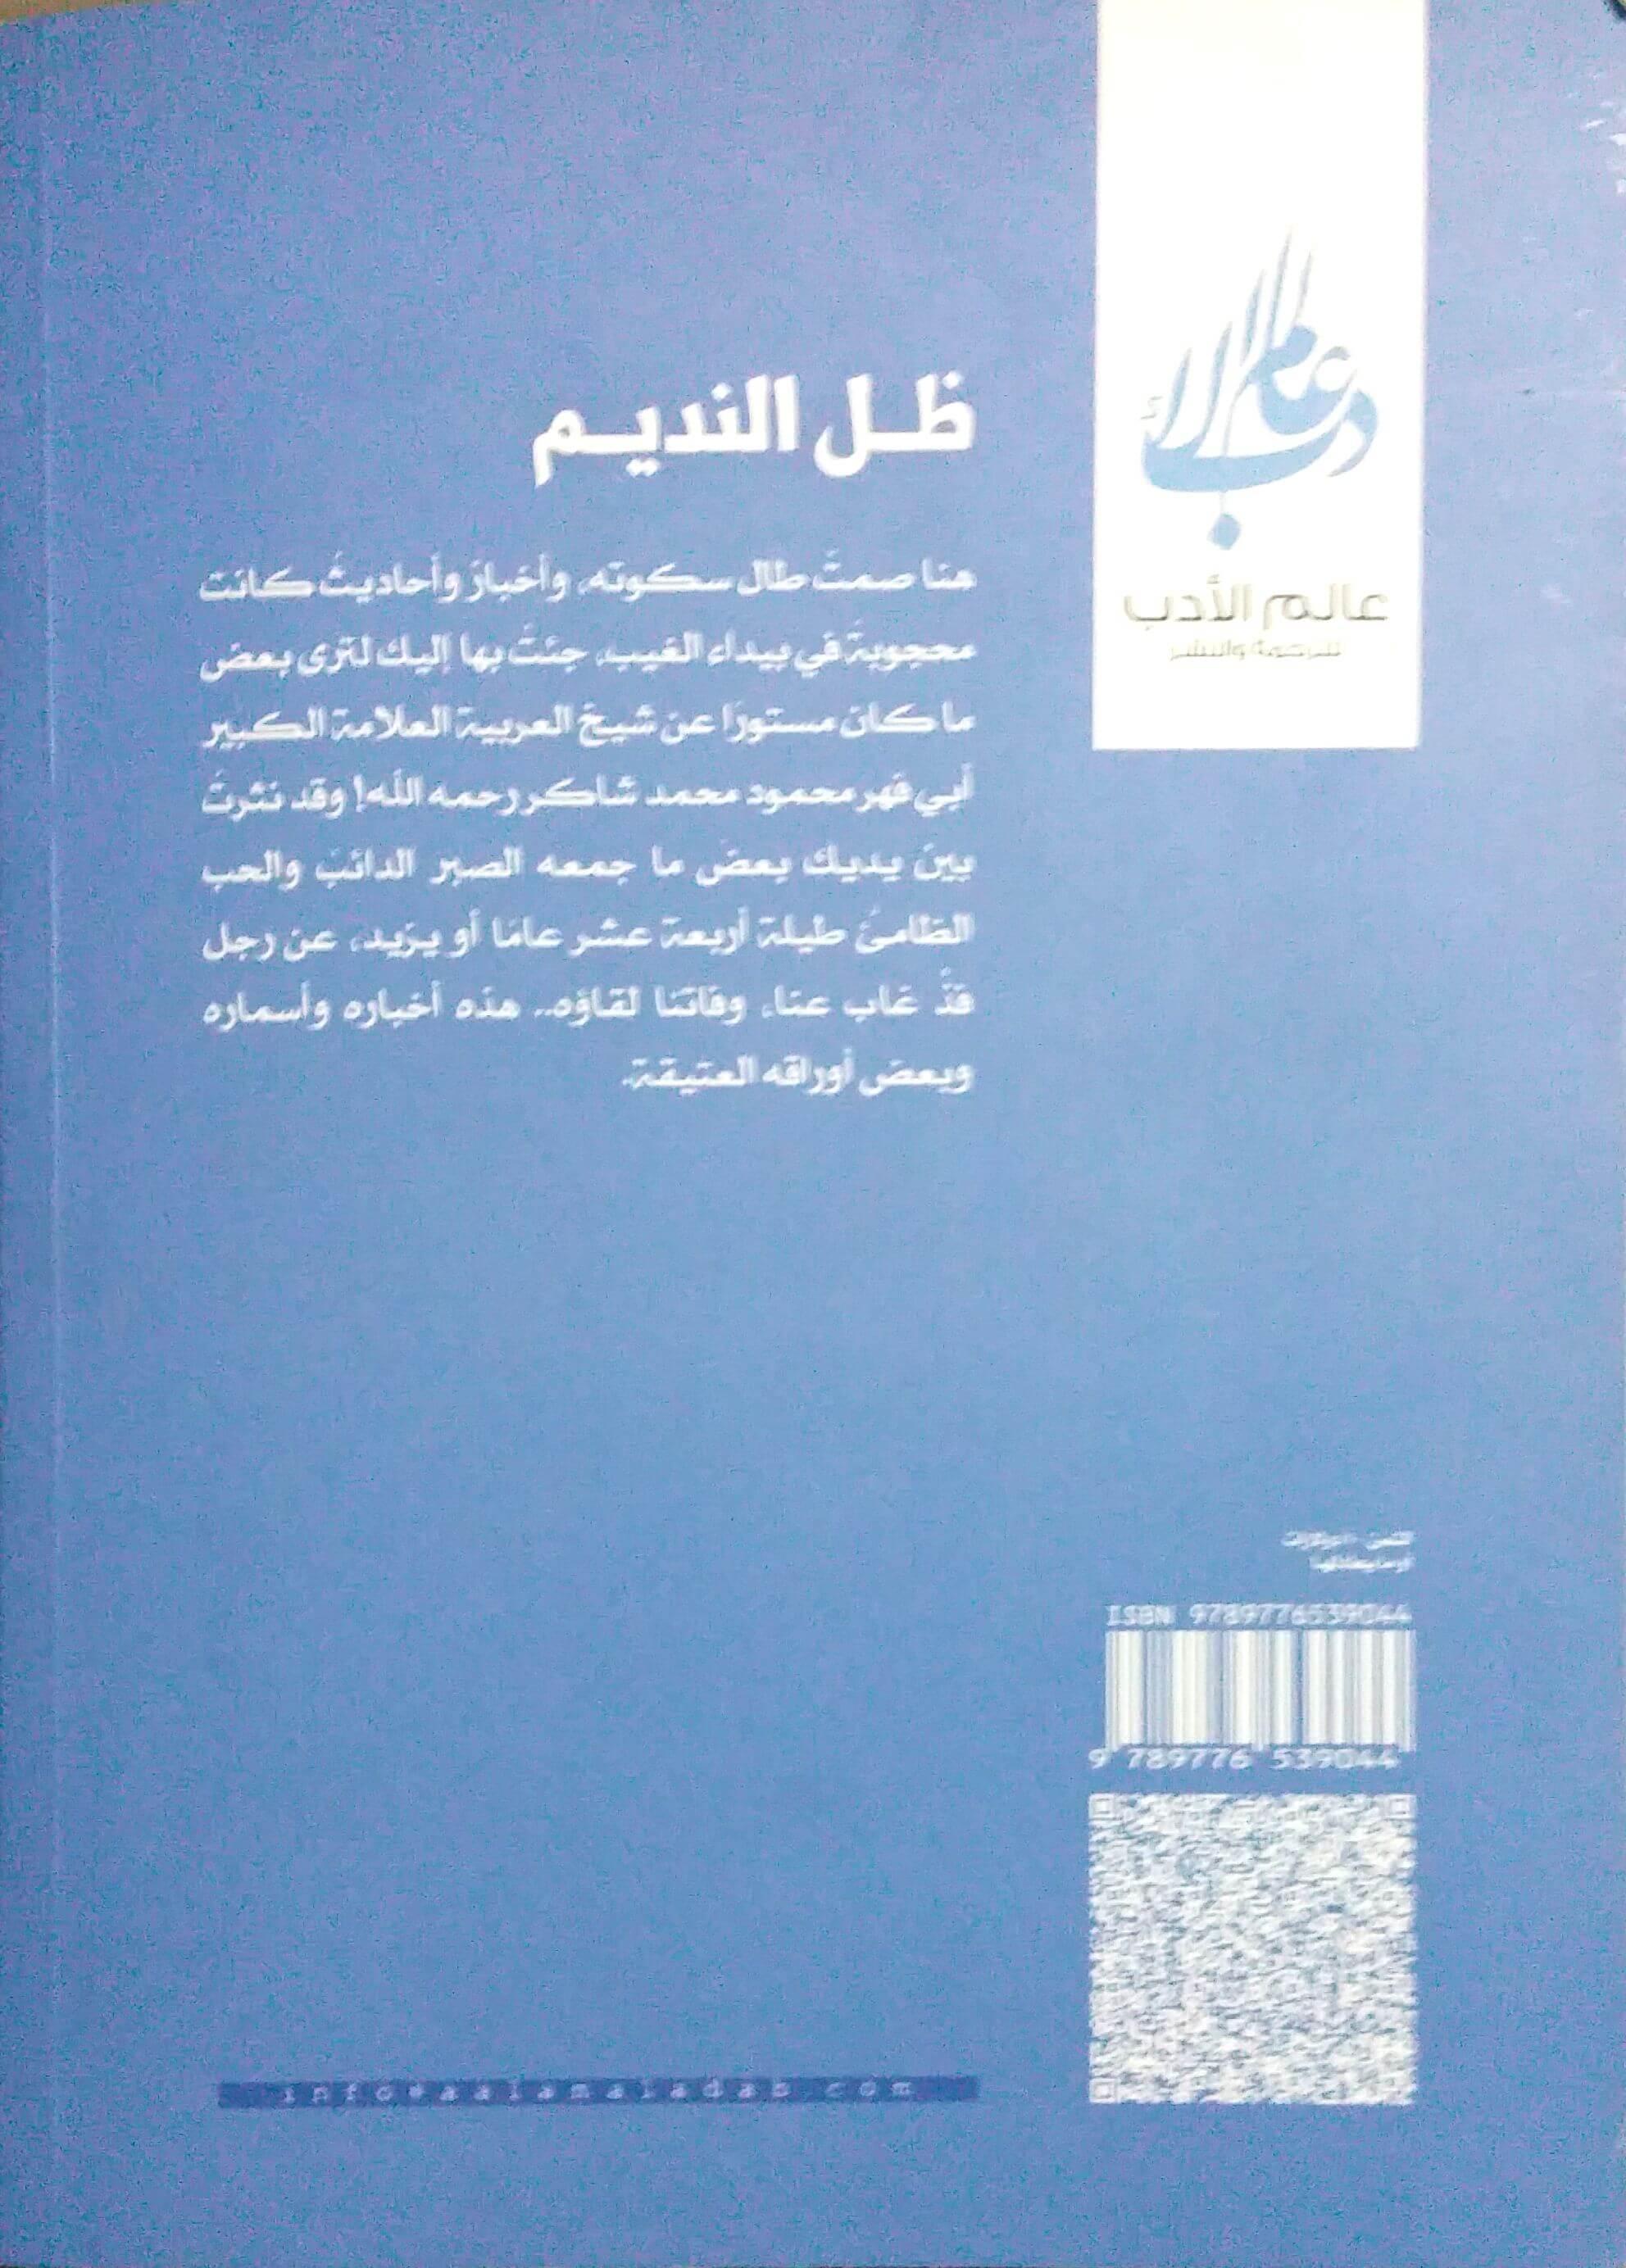 ظل النديم pdf تأليف وجدان العلي في سيرة الشيخ محمود محمد شاكر 2